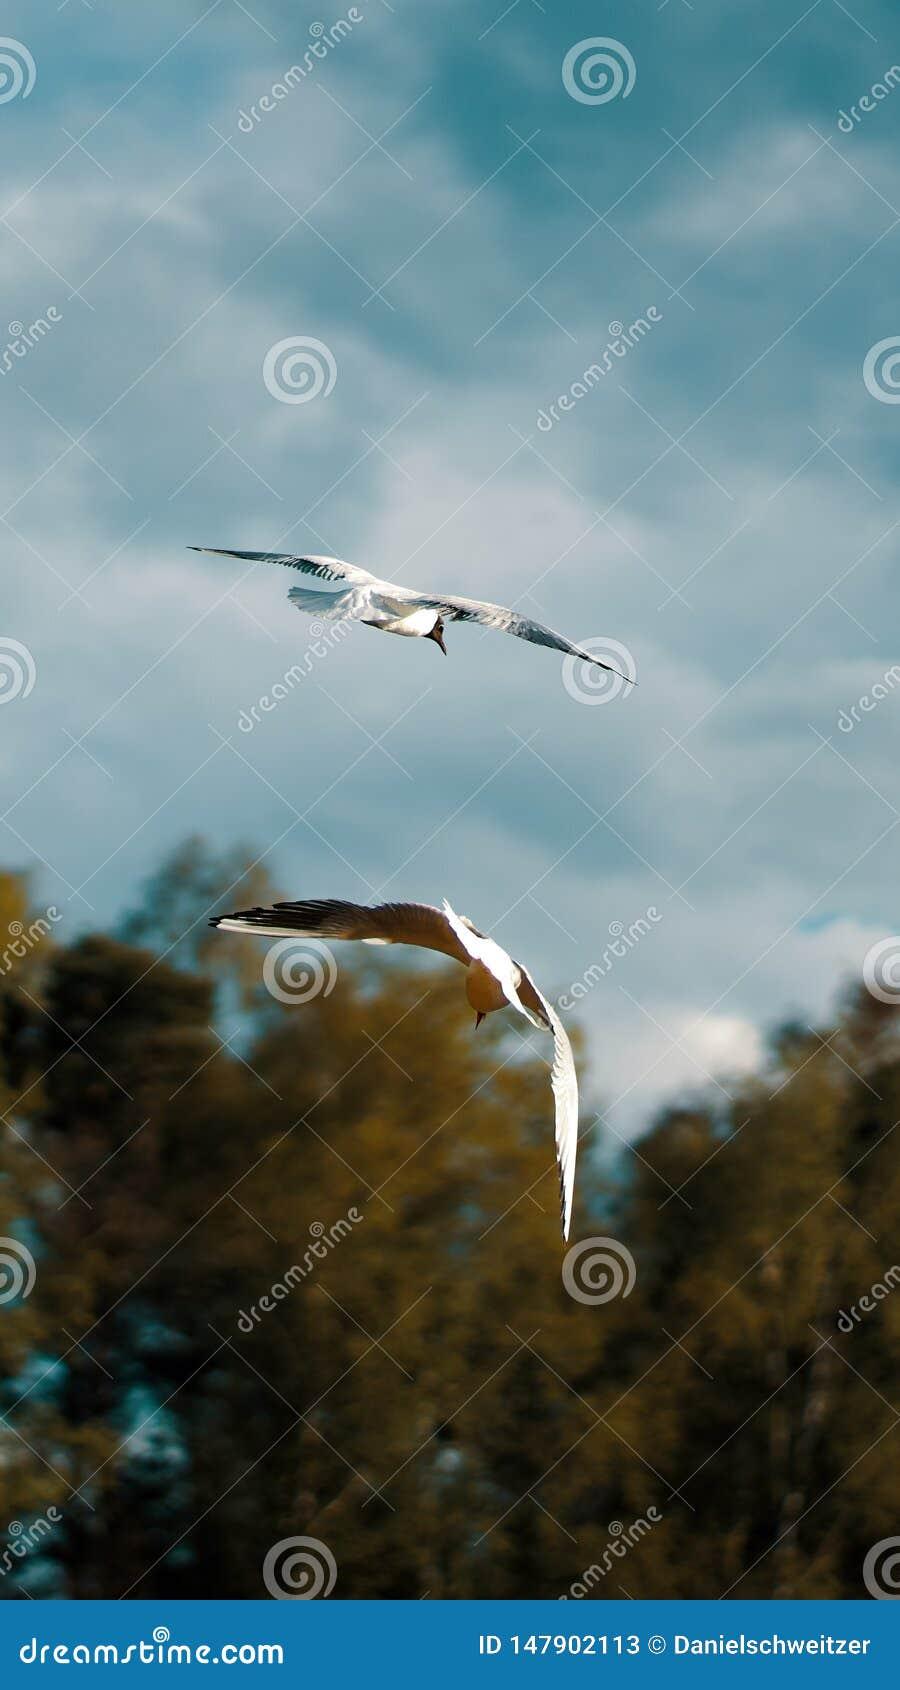 Mouettes par derrière le vol ensemble dans un environnement calme